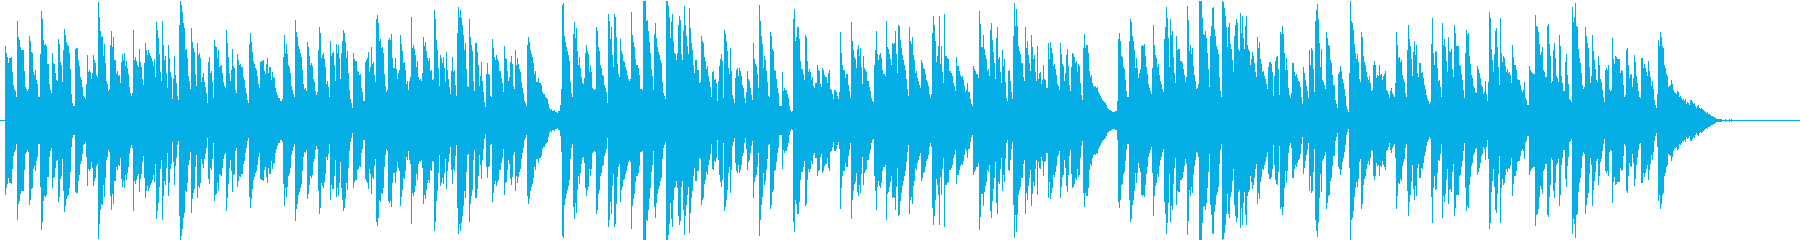 バッハ/メヌエット1/へたっぴバイオリンの再生済みの波形